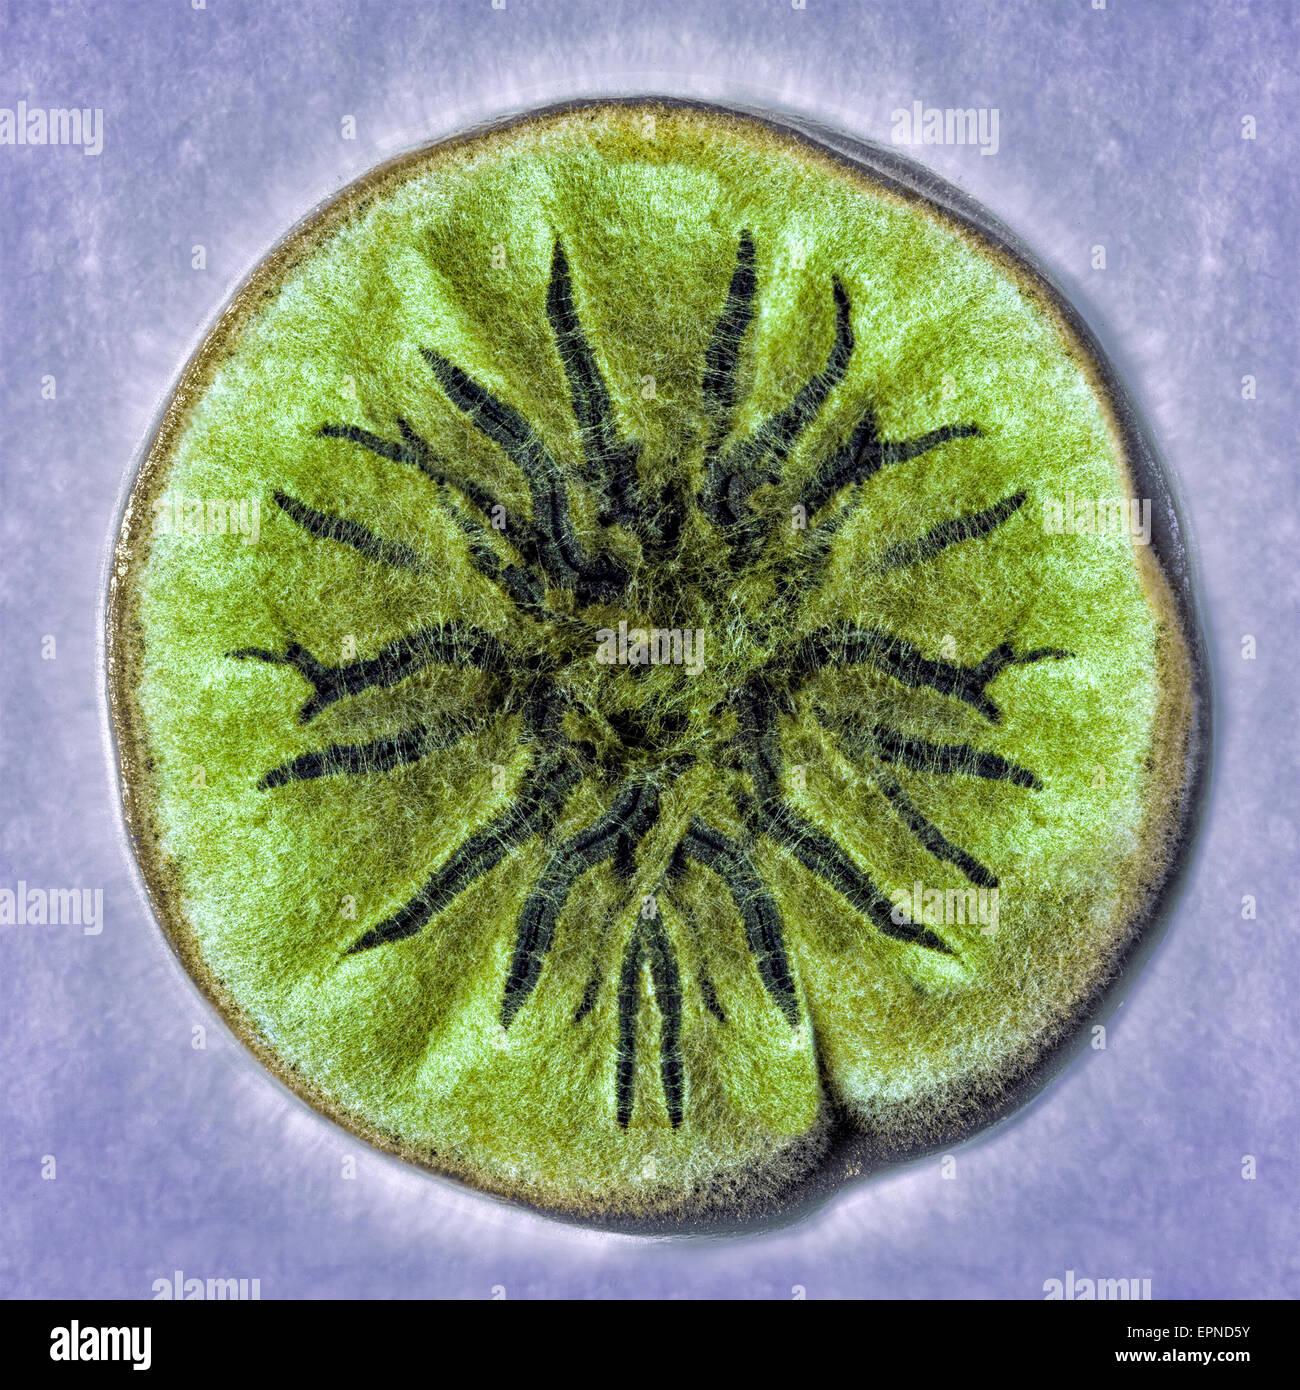 macro shot of fuzzy mold - Stock Image